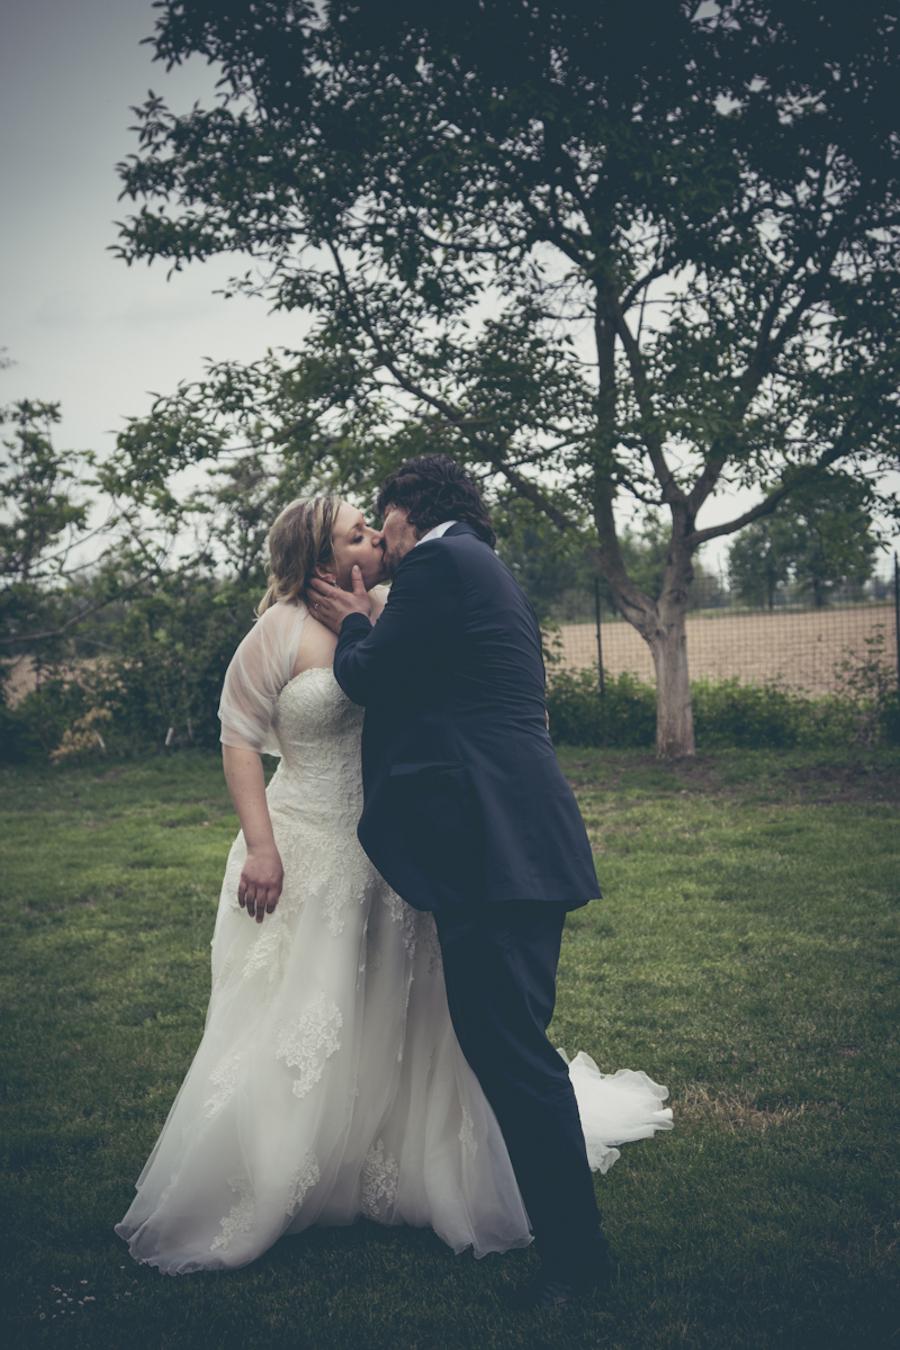 matrimonio-colorato-con-fenicotteri-matrimonio-adhoc-21